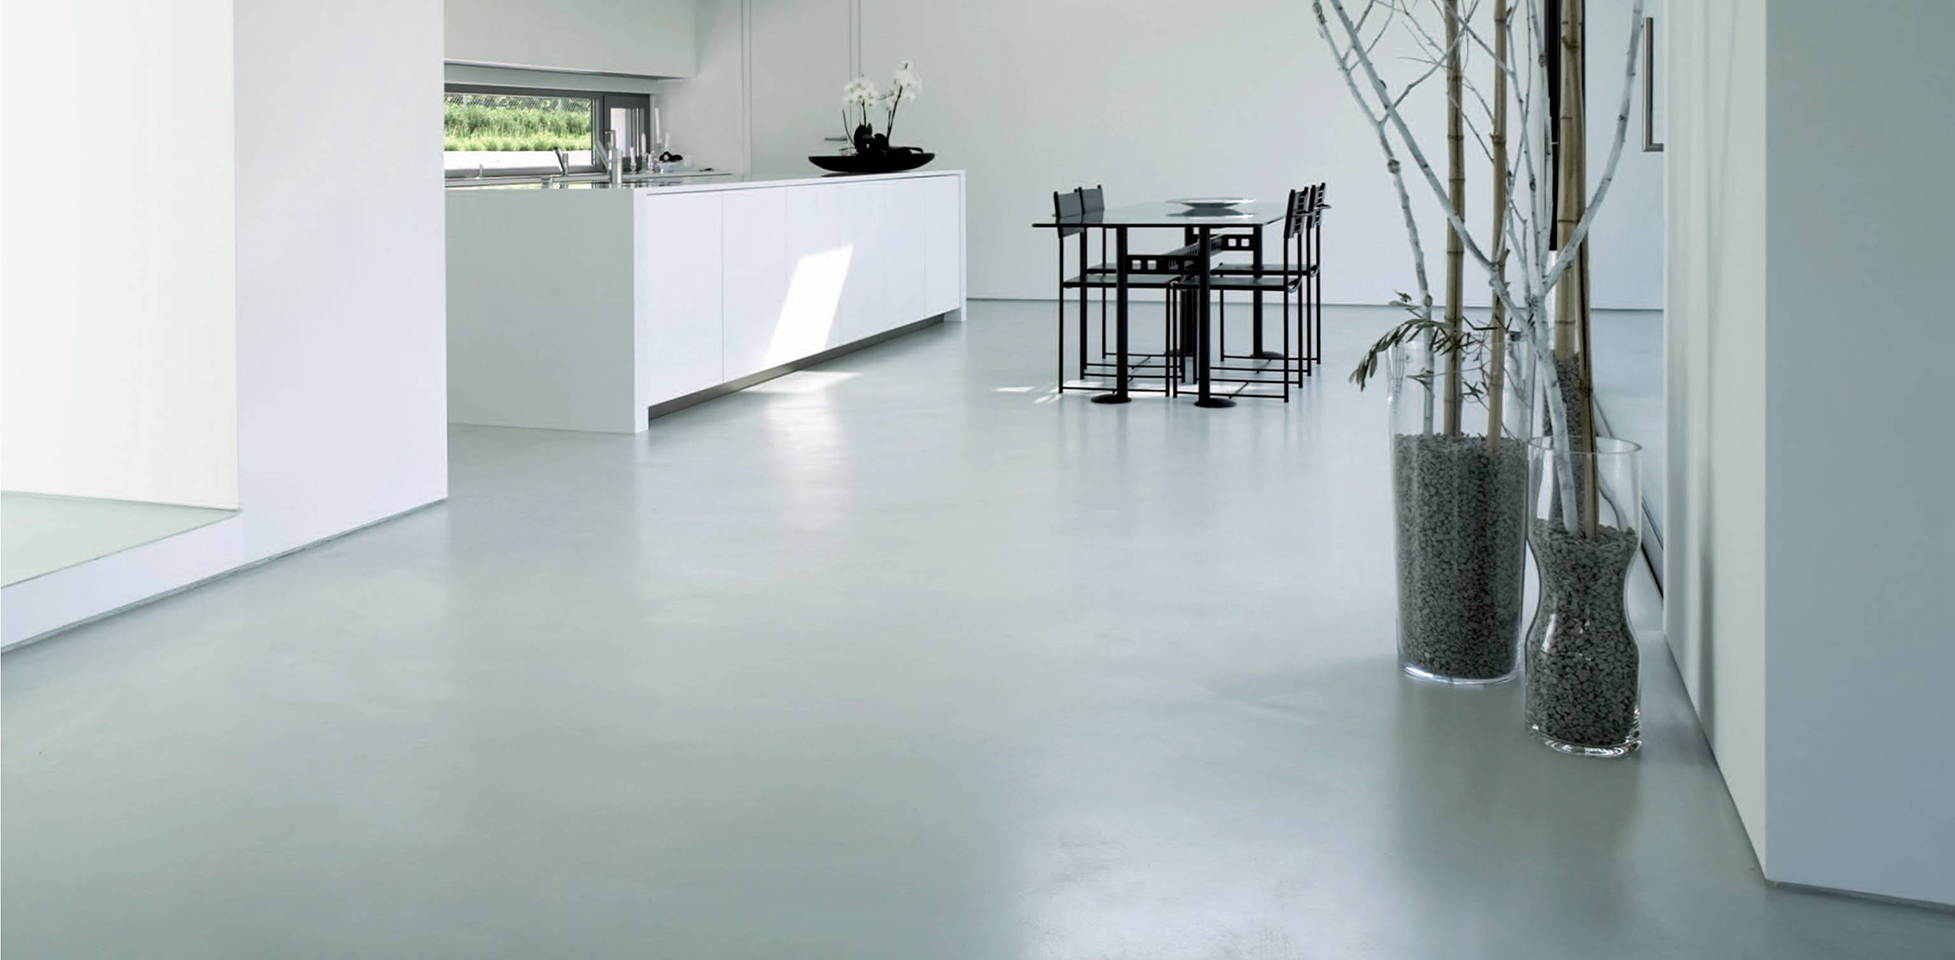 art b ton cir 33 beton cire bordeaux plafonds tendus chapes fluides. Black Bedroom Furniture Sets. Home Design Ideas